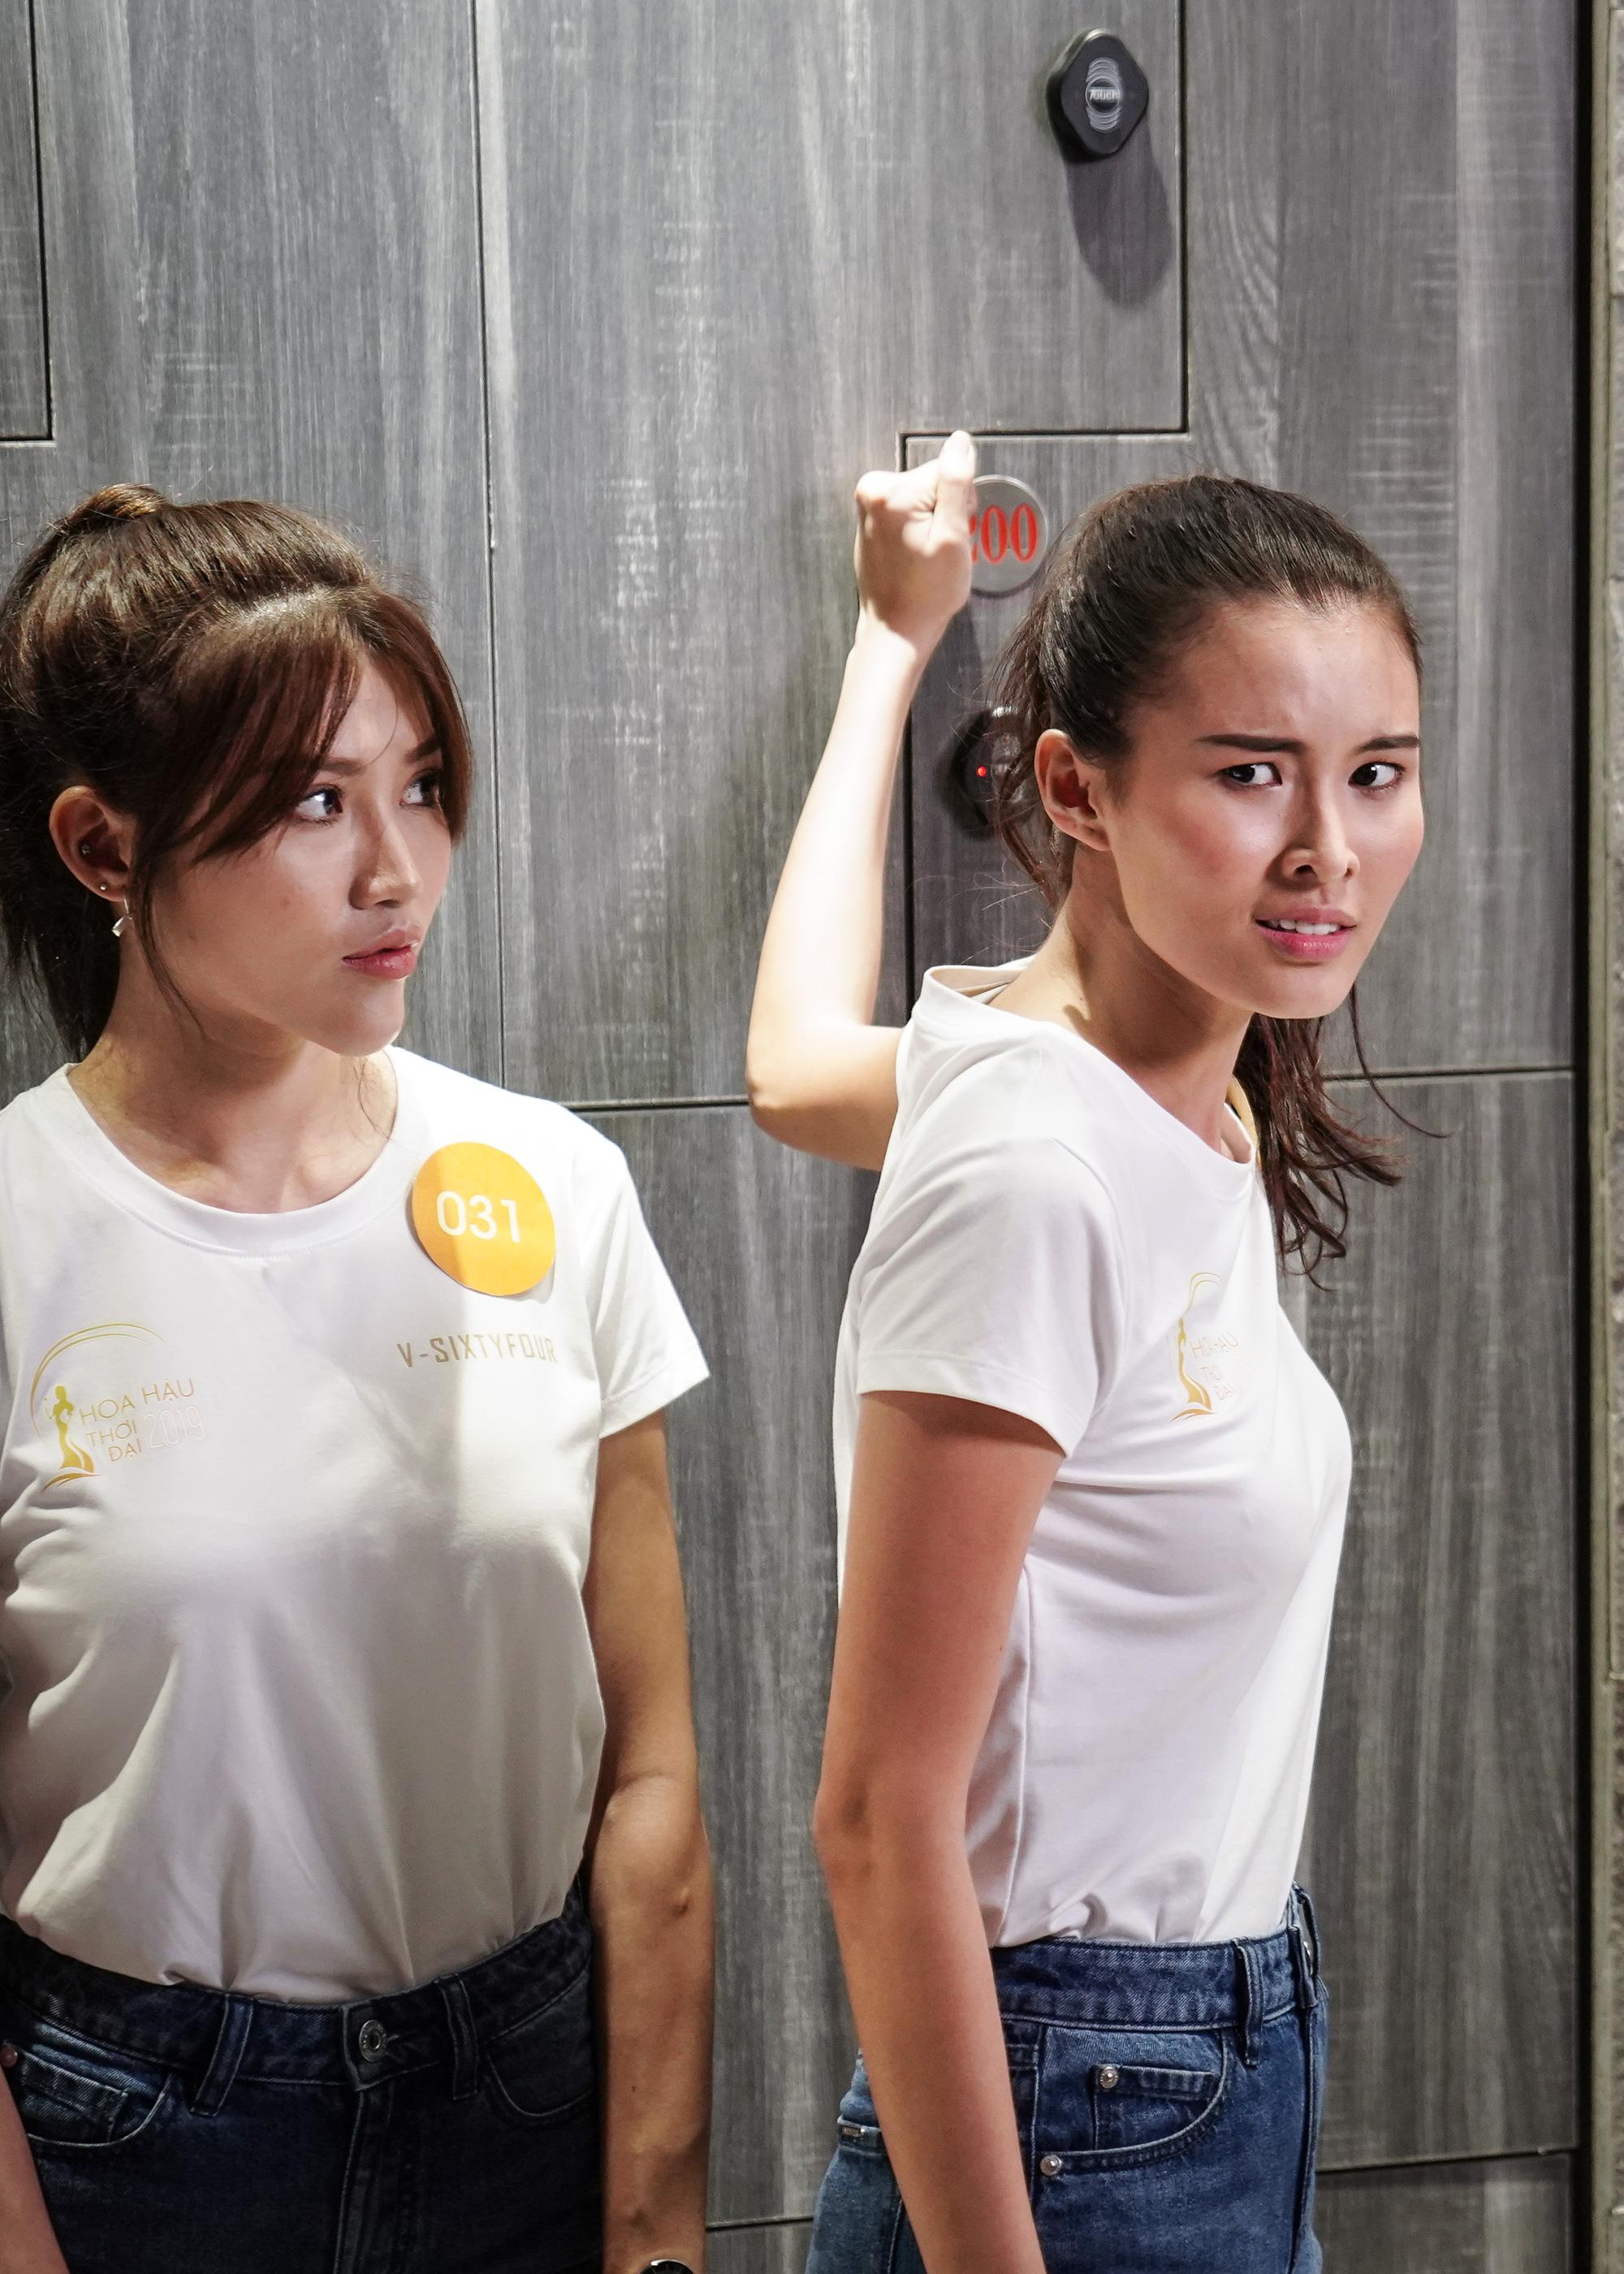 Review Hoa Hậu Giang Hồ: Ấn tượng màn giật tóc móc mắt tưng bừng giữa hội siêu mẫu và cái kết gấp gáp - Ảnh 19.